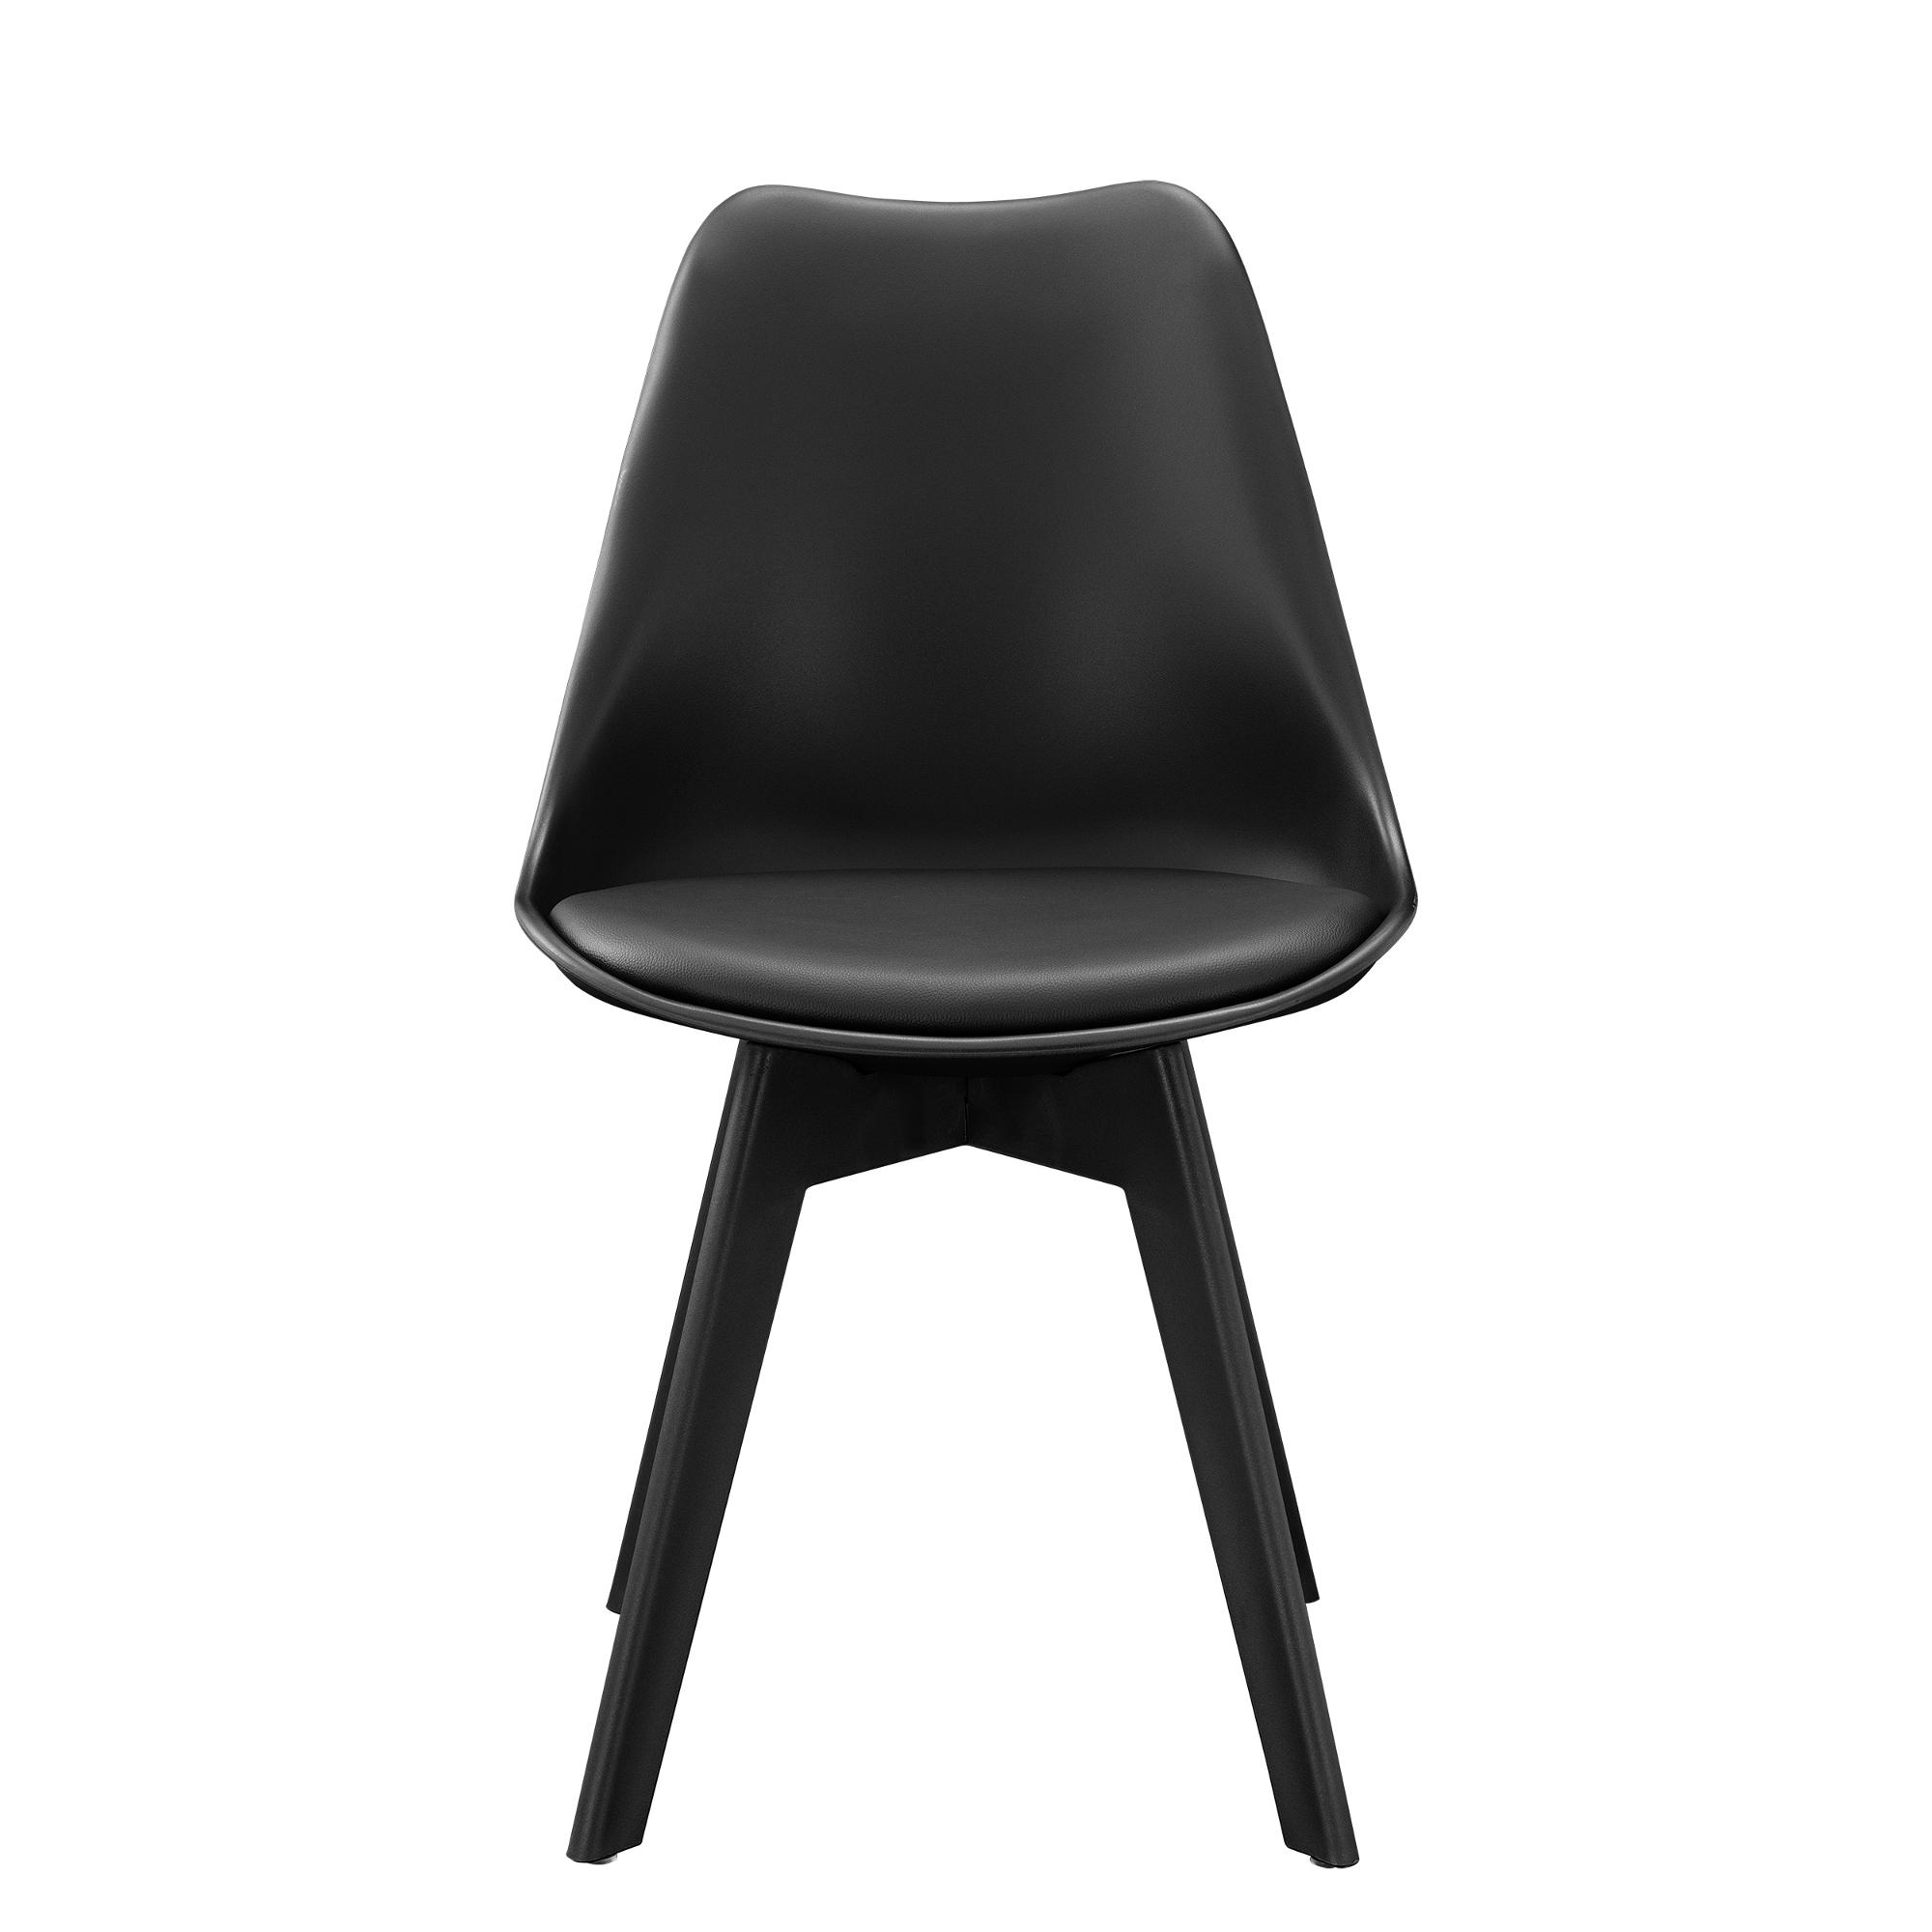 6x design st hle esszimmer schwarz stuhl kunststoff kunst leder stuhl ebay. Black Bedroom Furniture Sets. Home Design Ideas